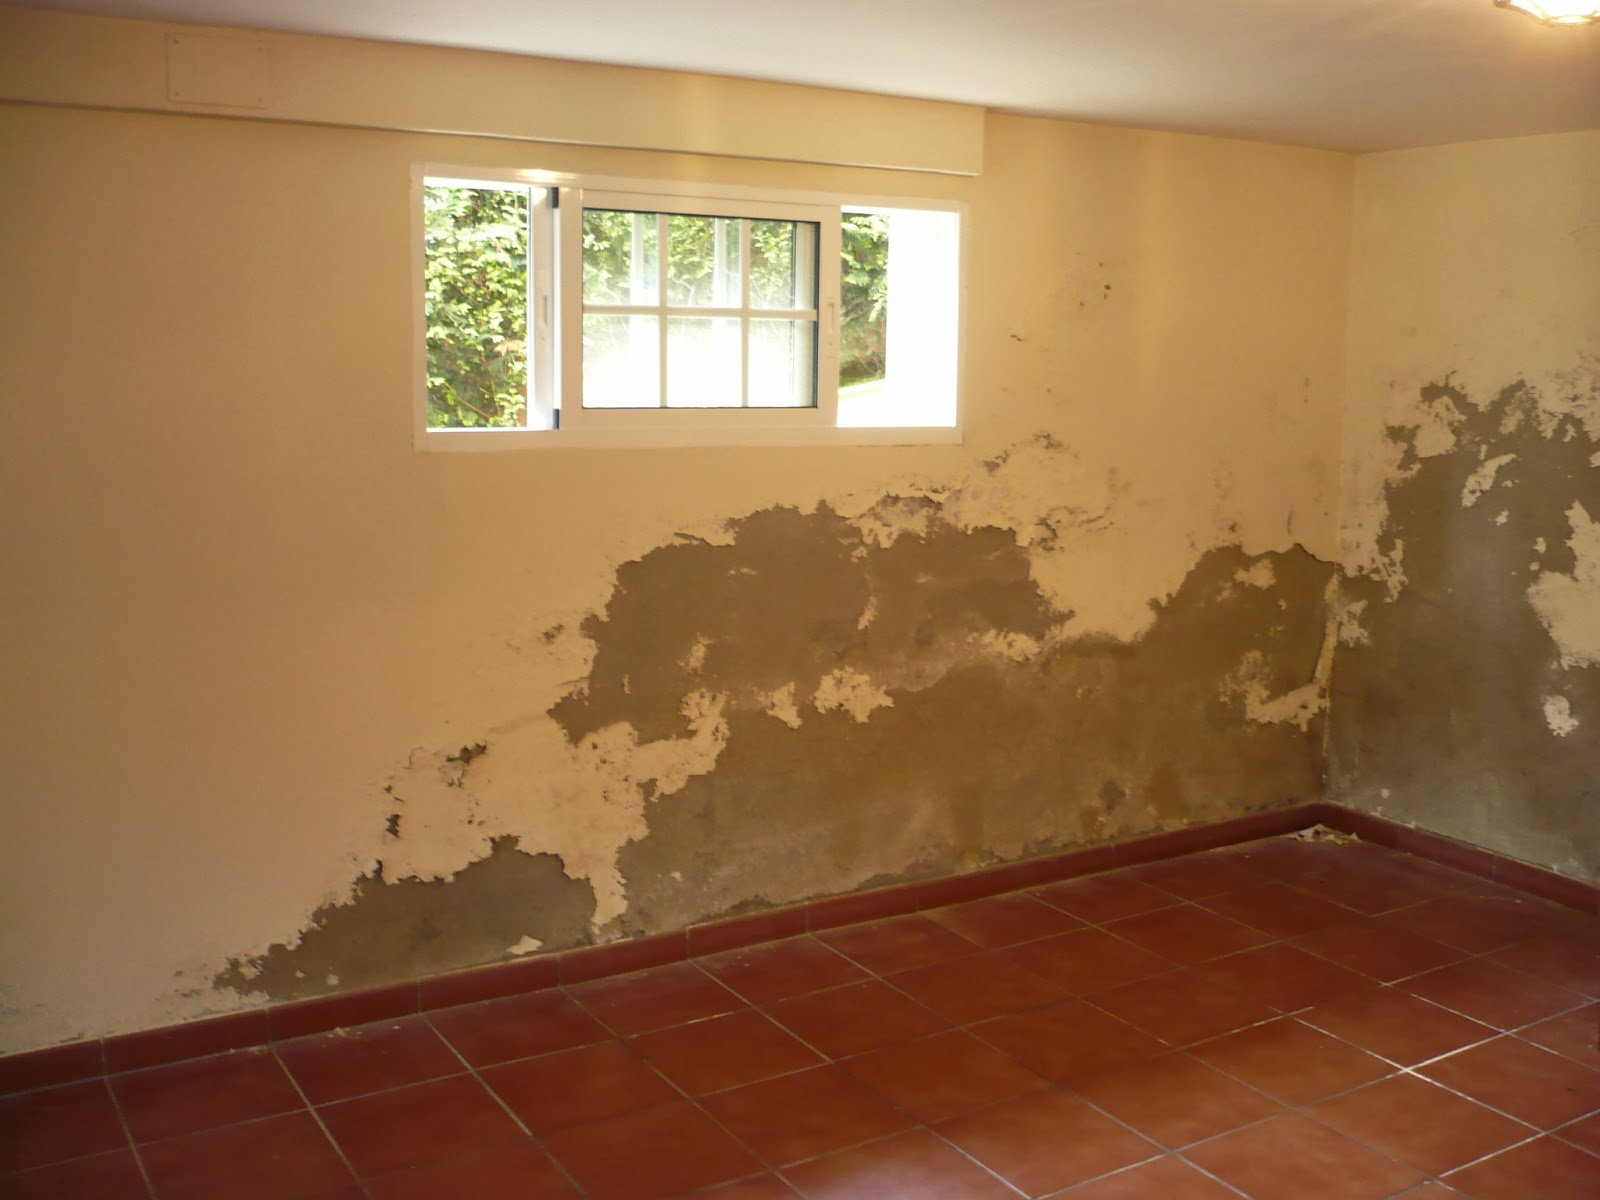 Humedades elim nalas t mismo - Como quitar la humedad de una pared ...